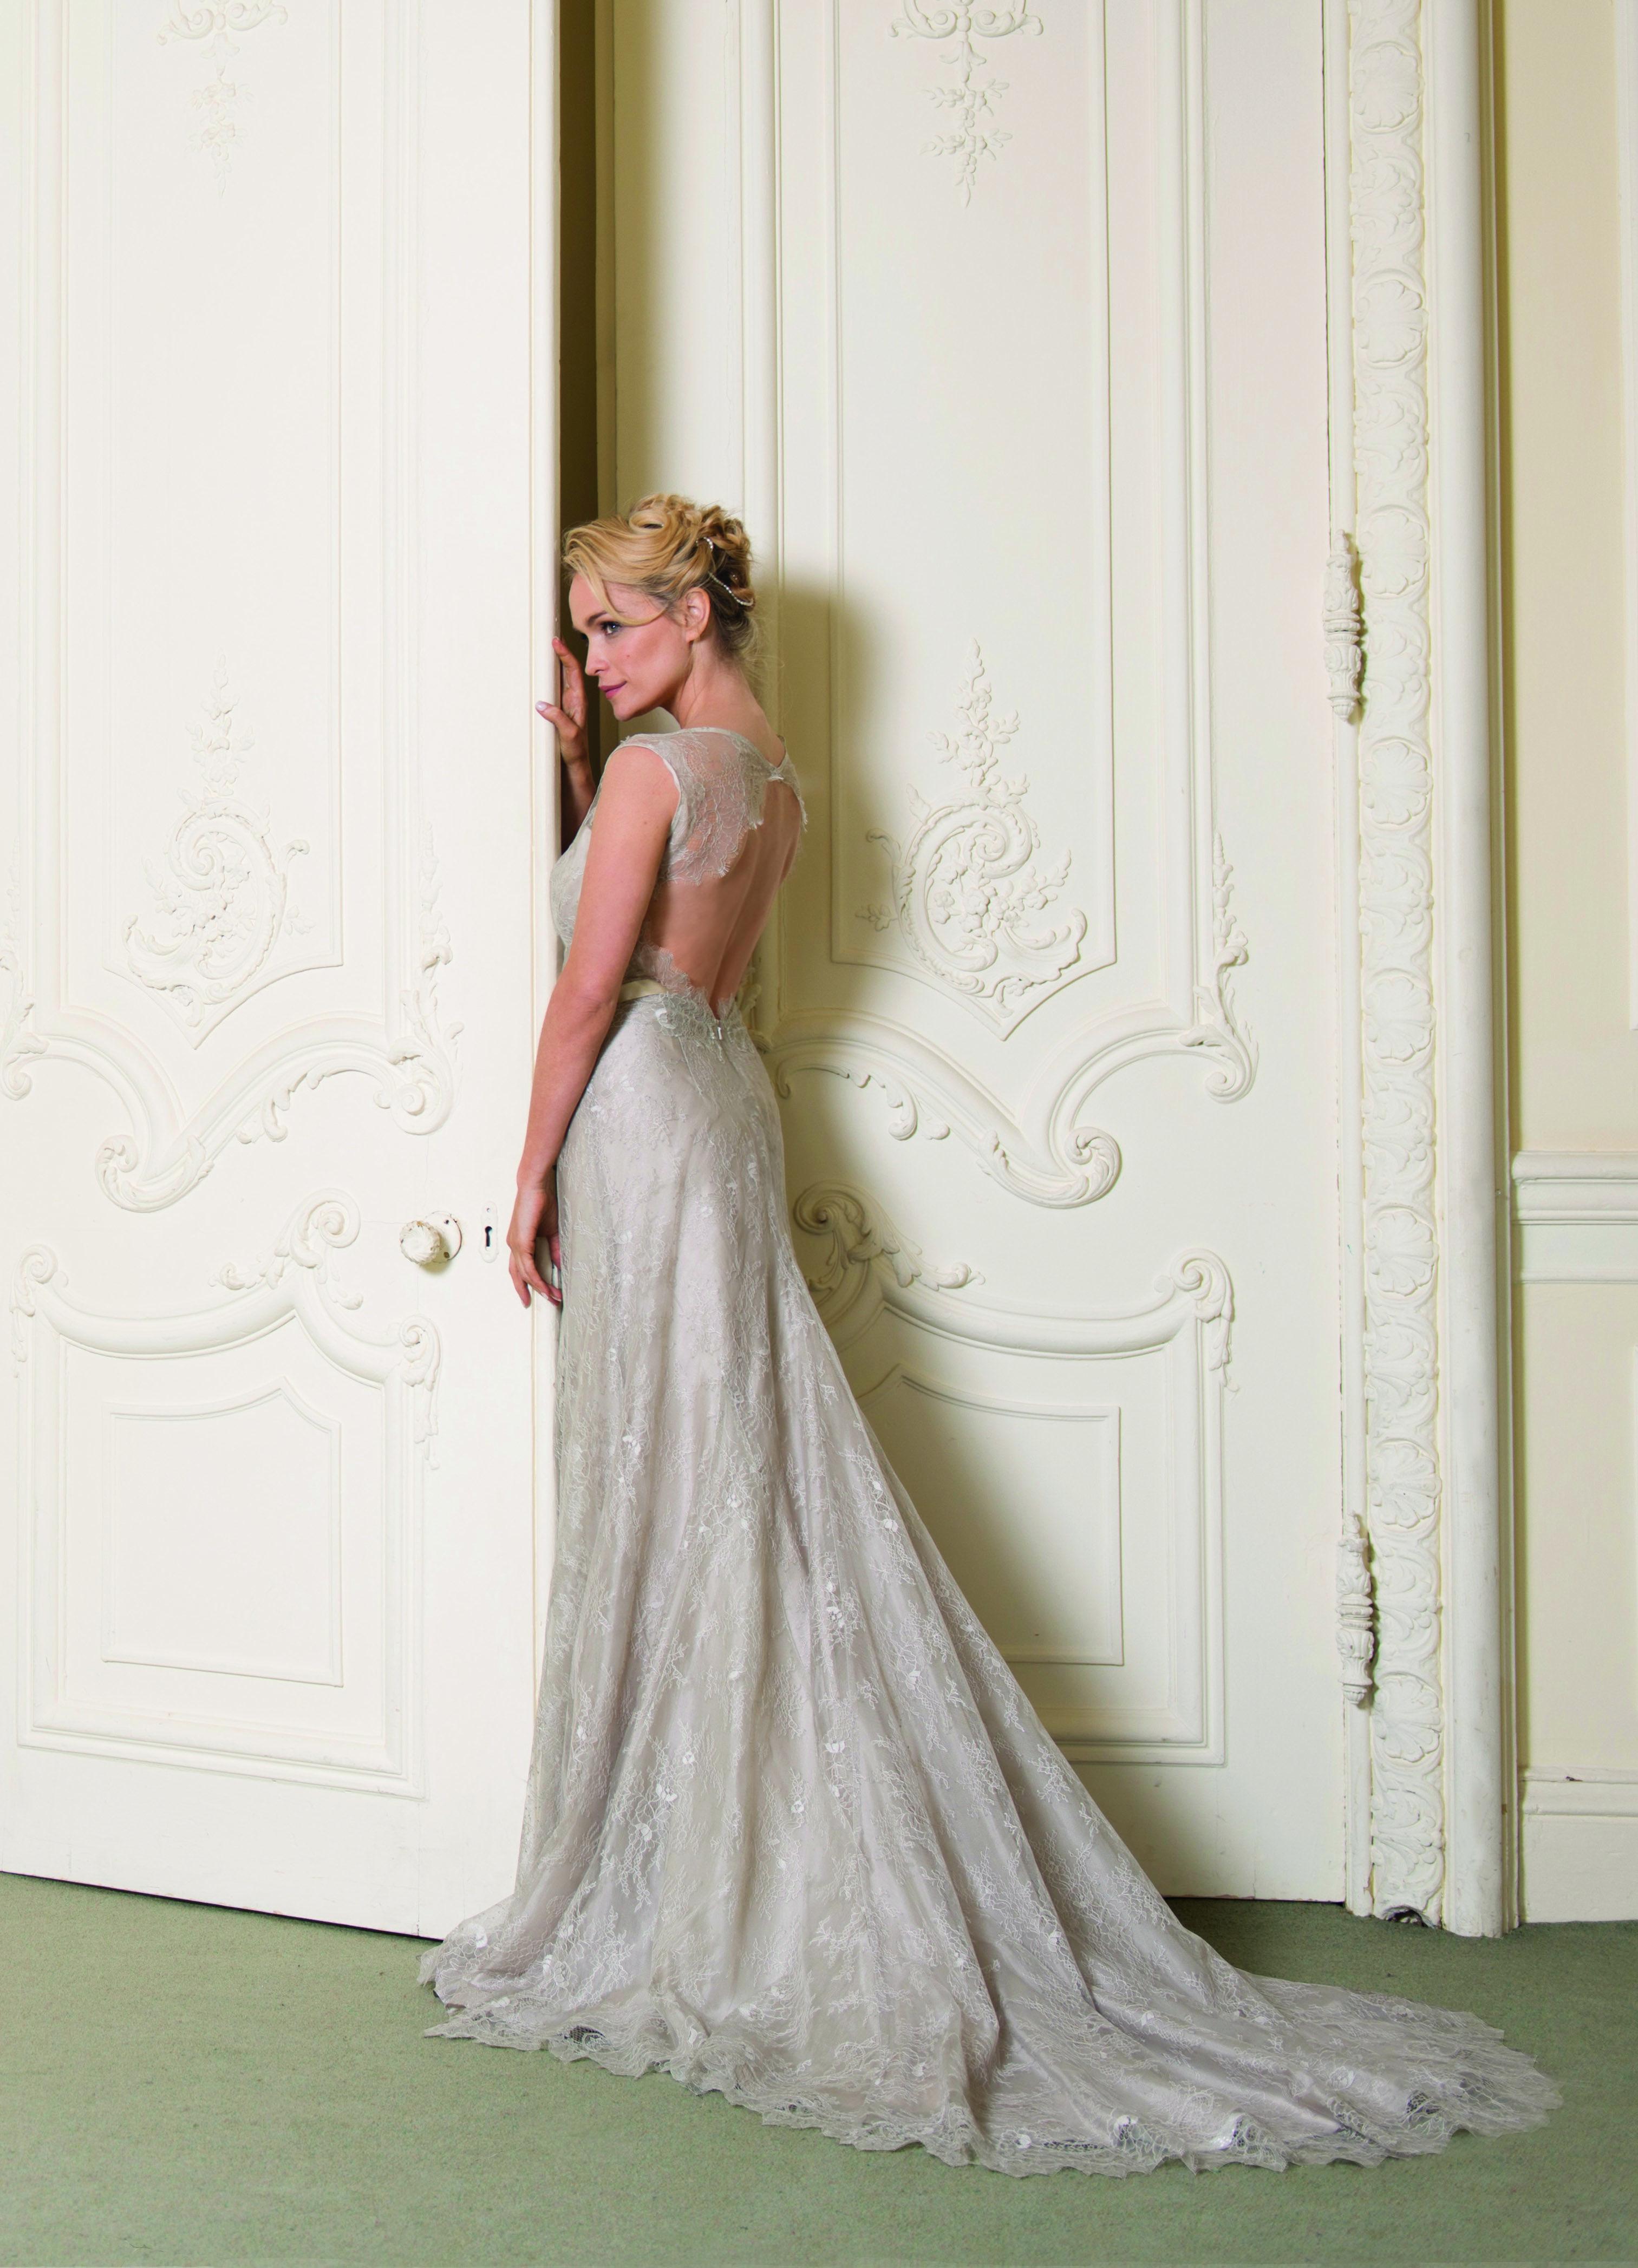 Berühmt Designer Hochzeitskleid Verkauf Uk Bilder - Brautkleider ...